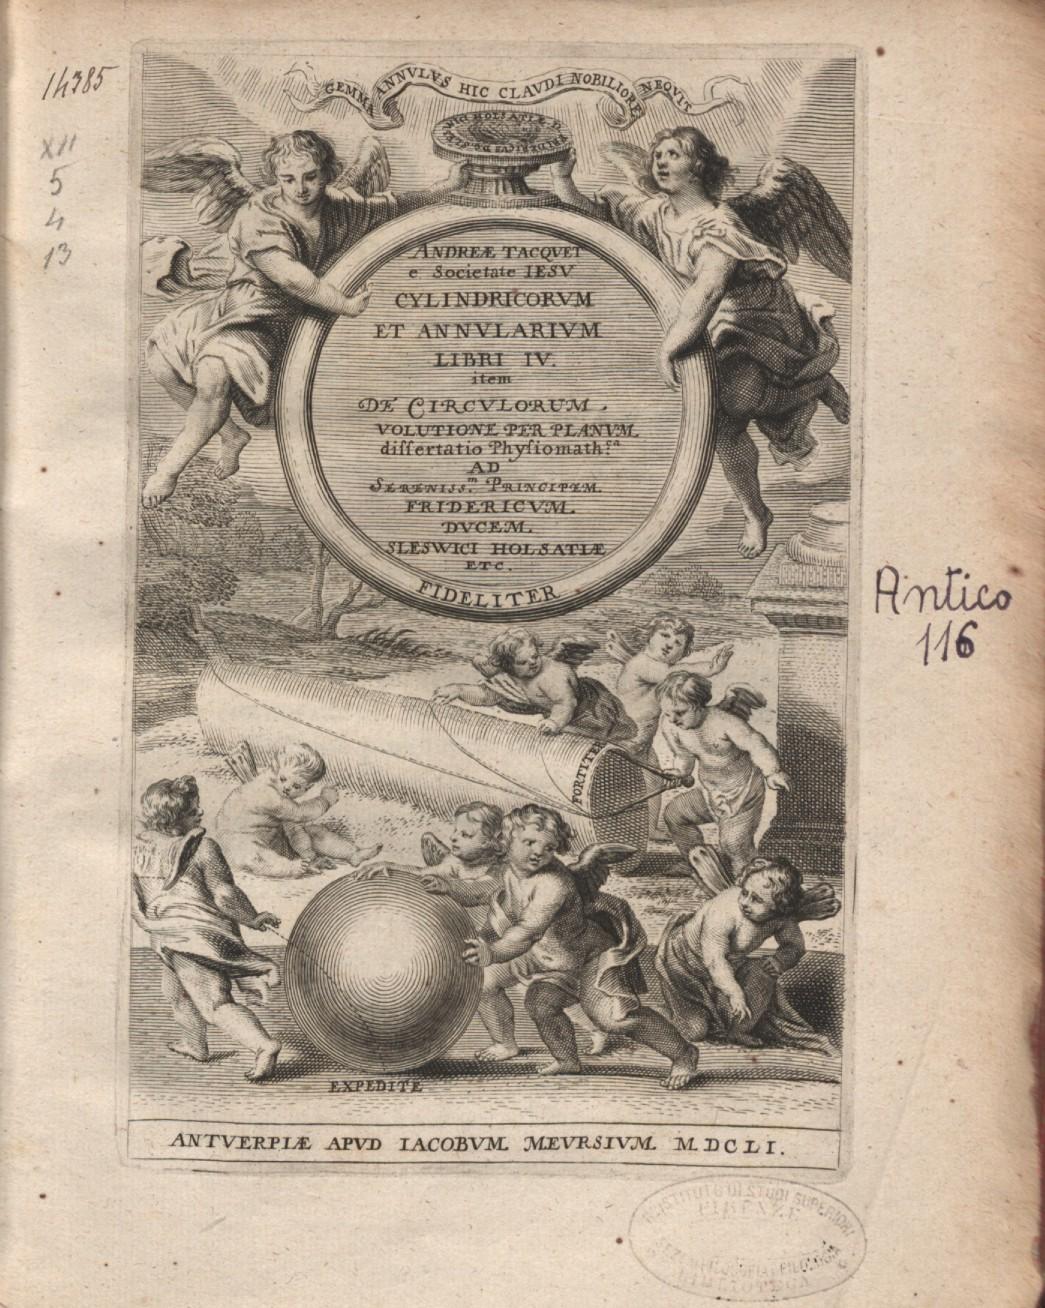 ''Cylindricorum et annularium libri'', 1651